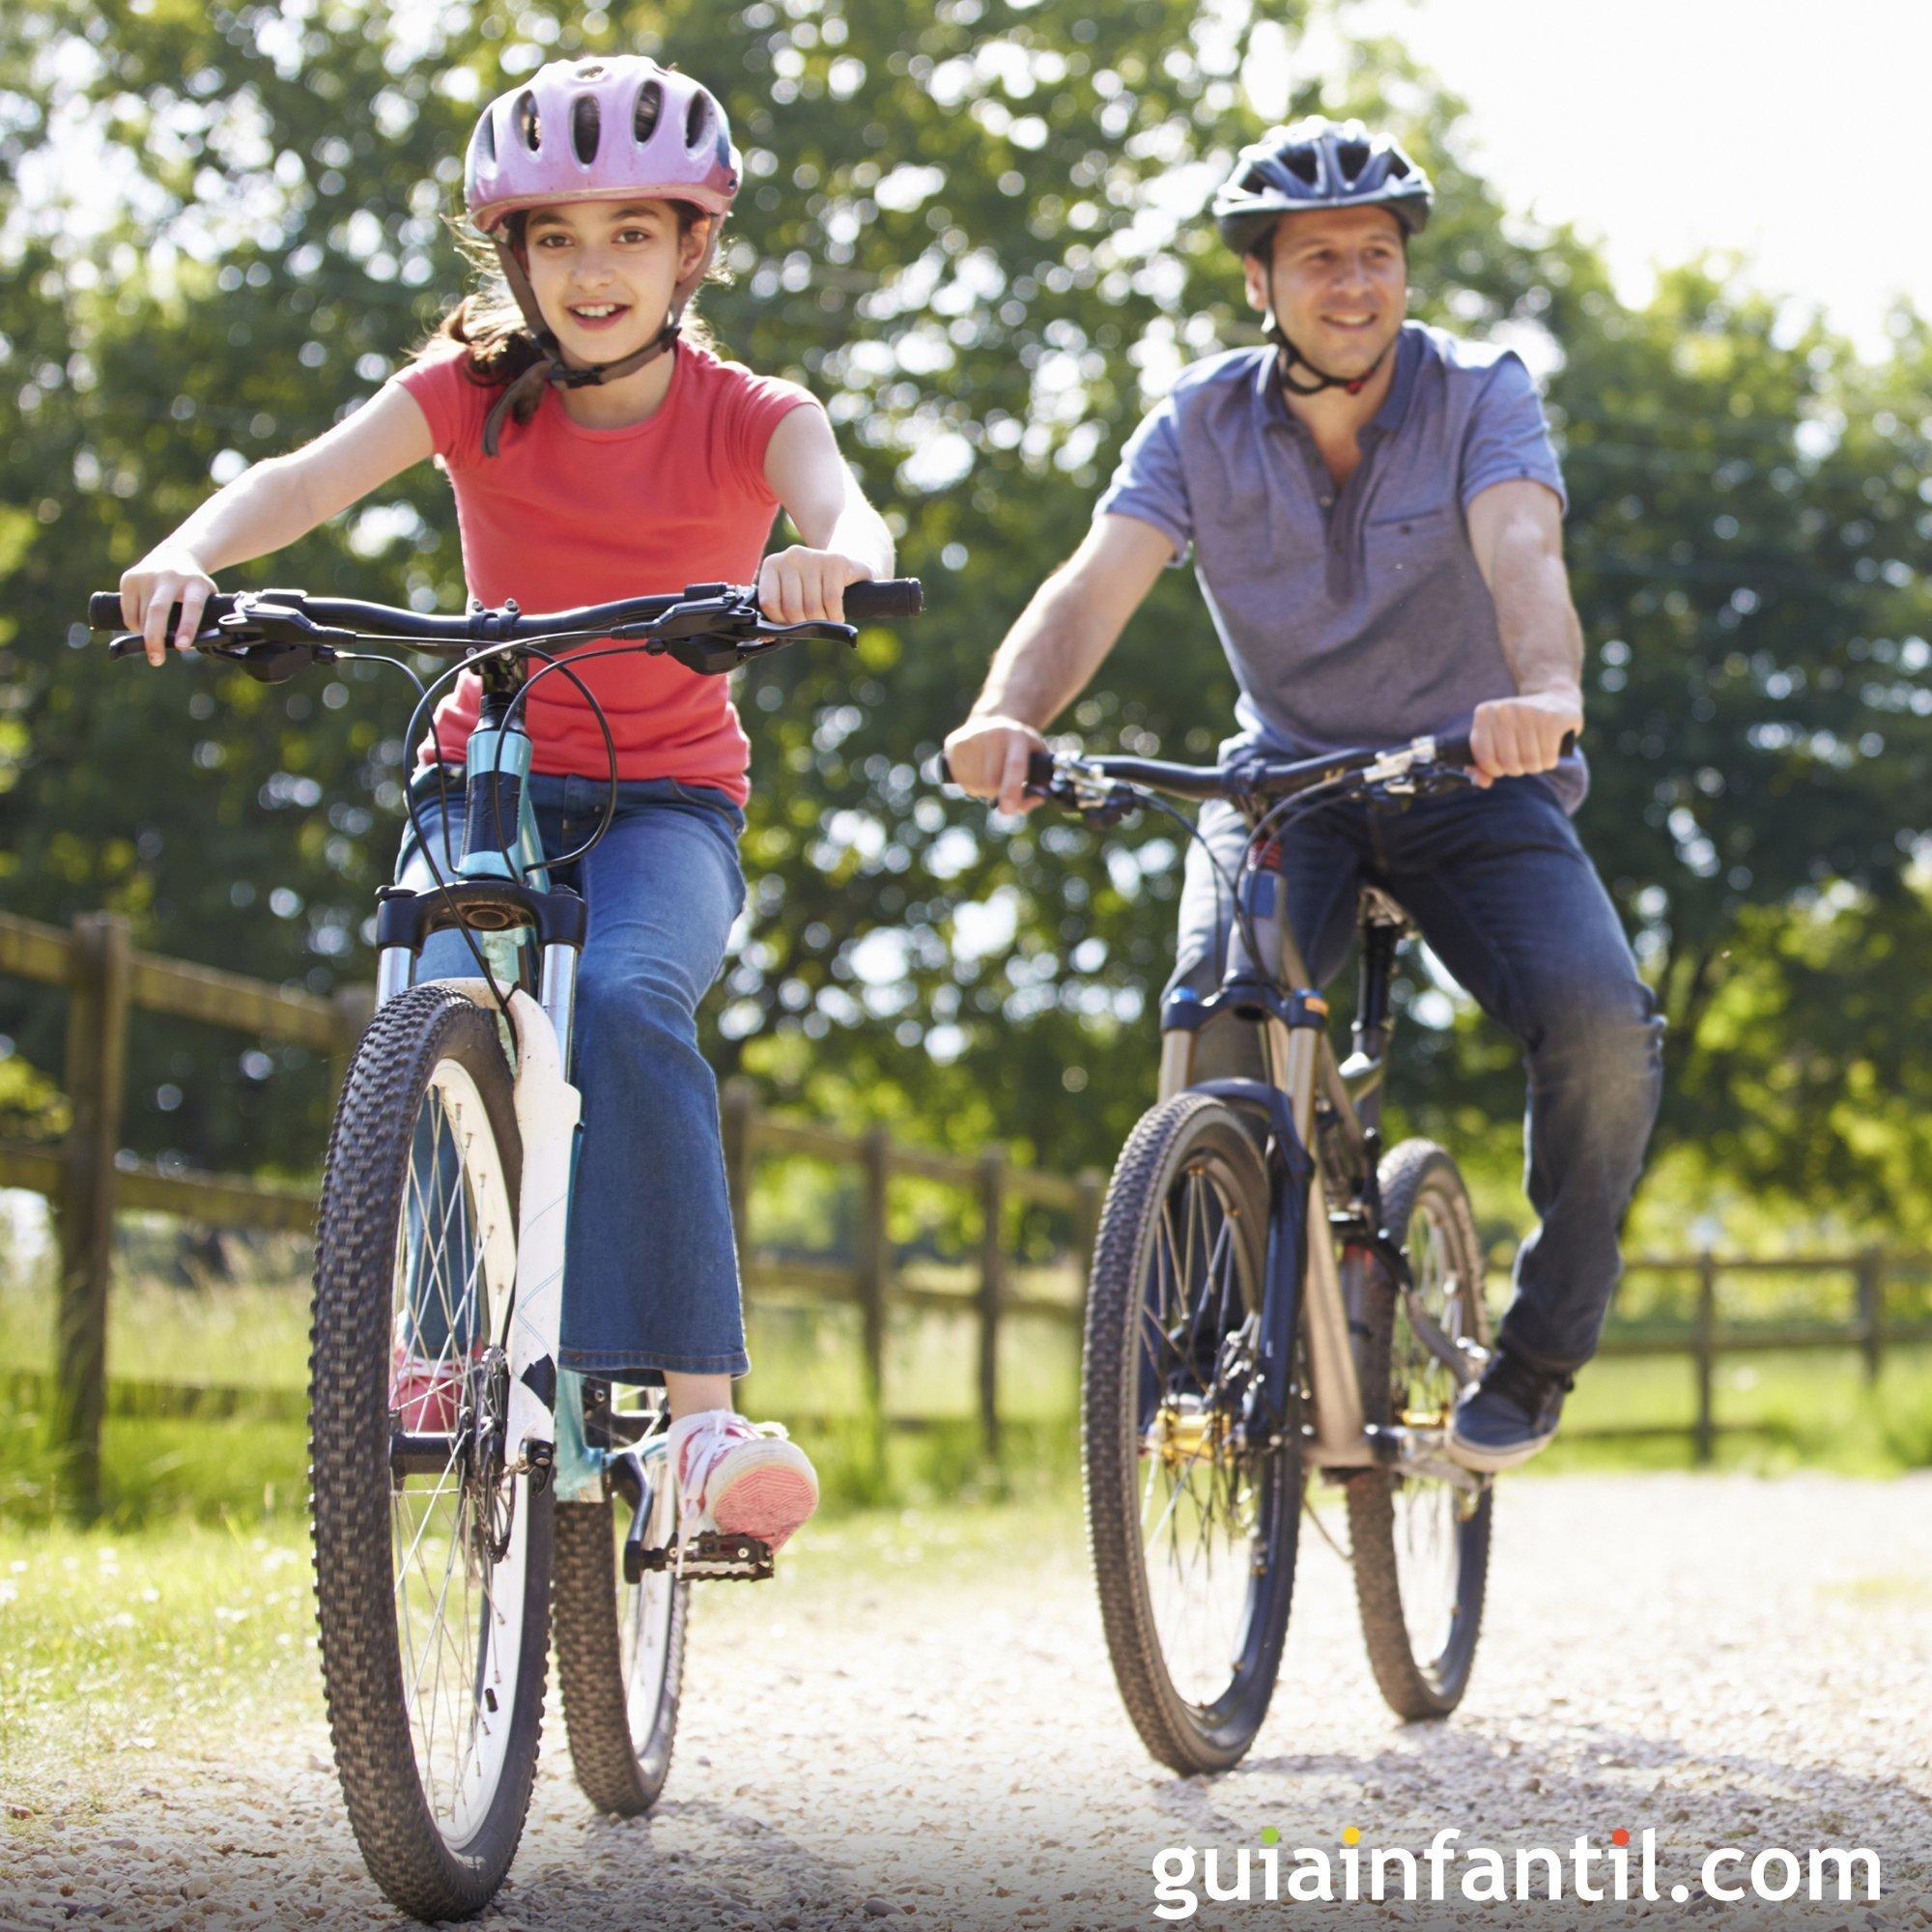 Dar un paseo en bici con tus hijos